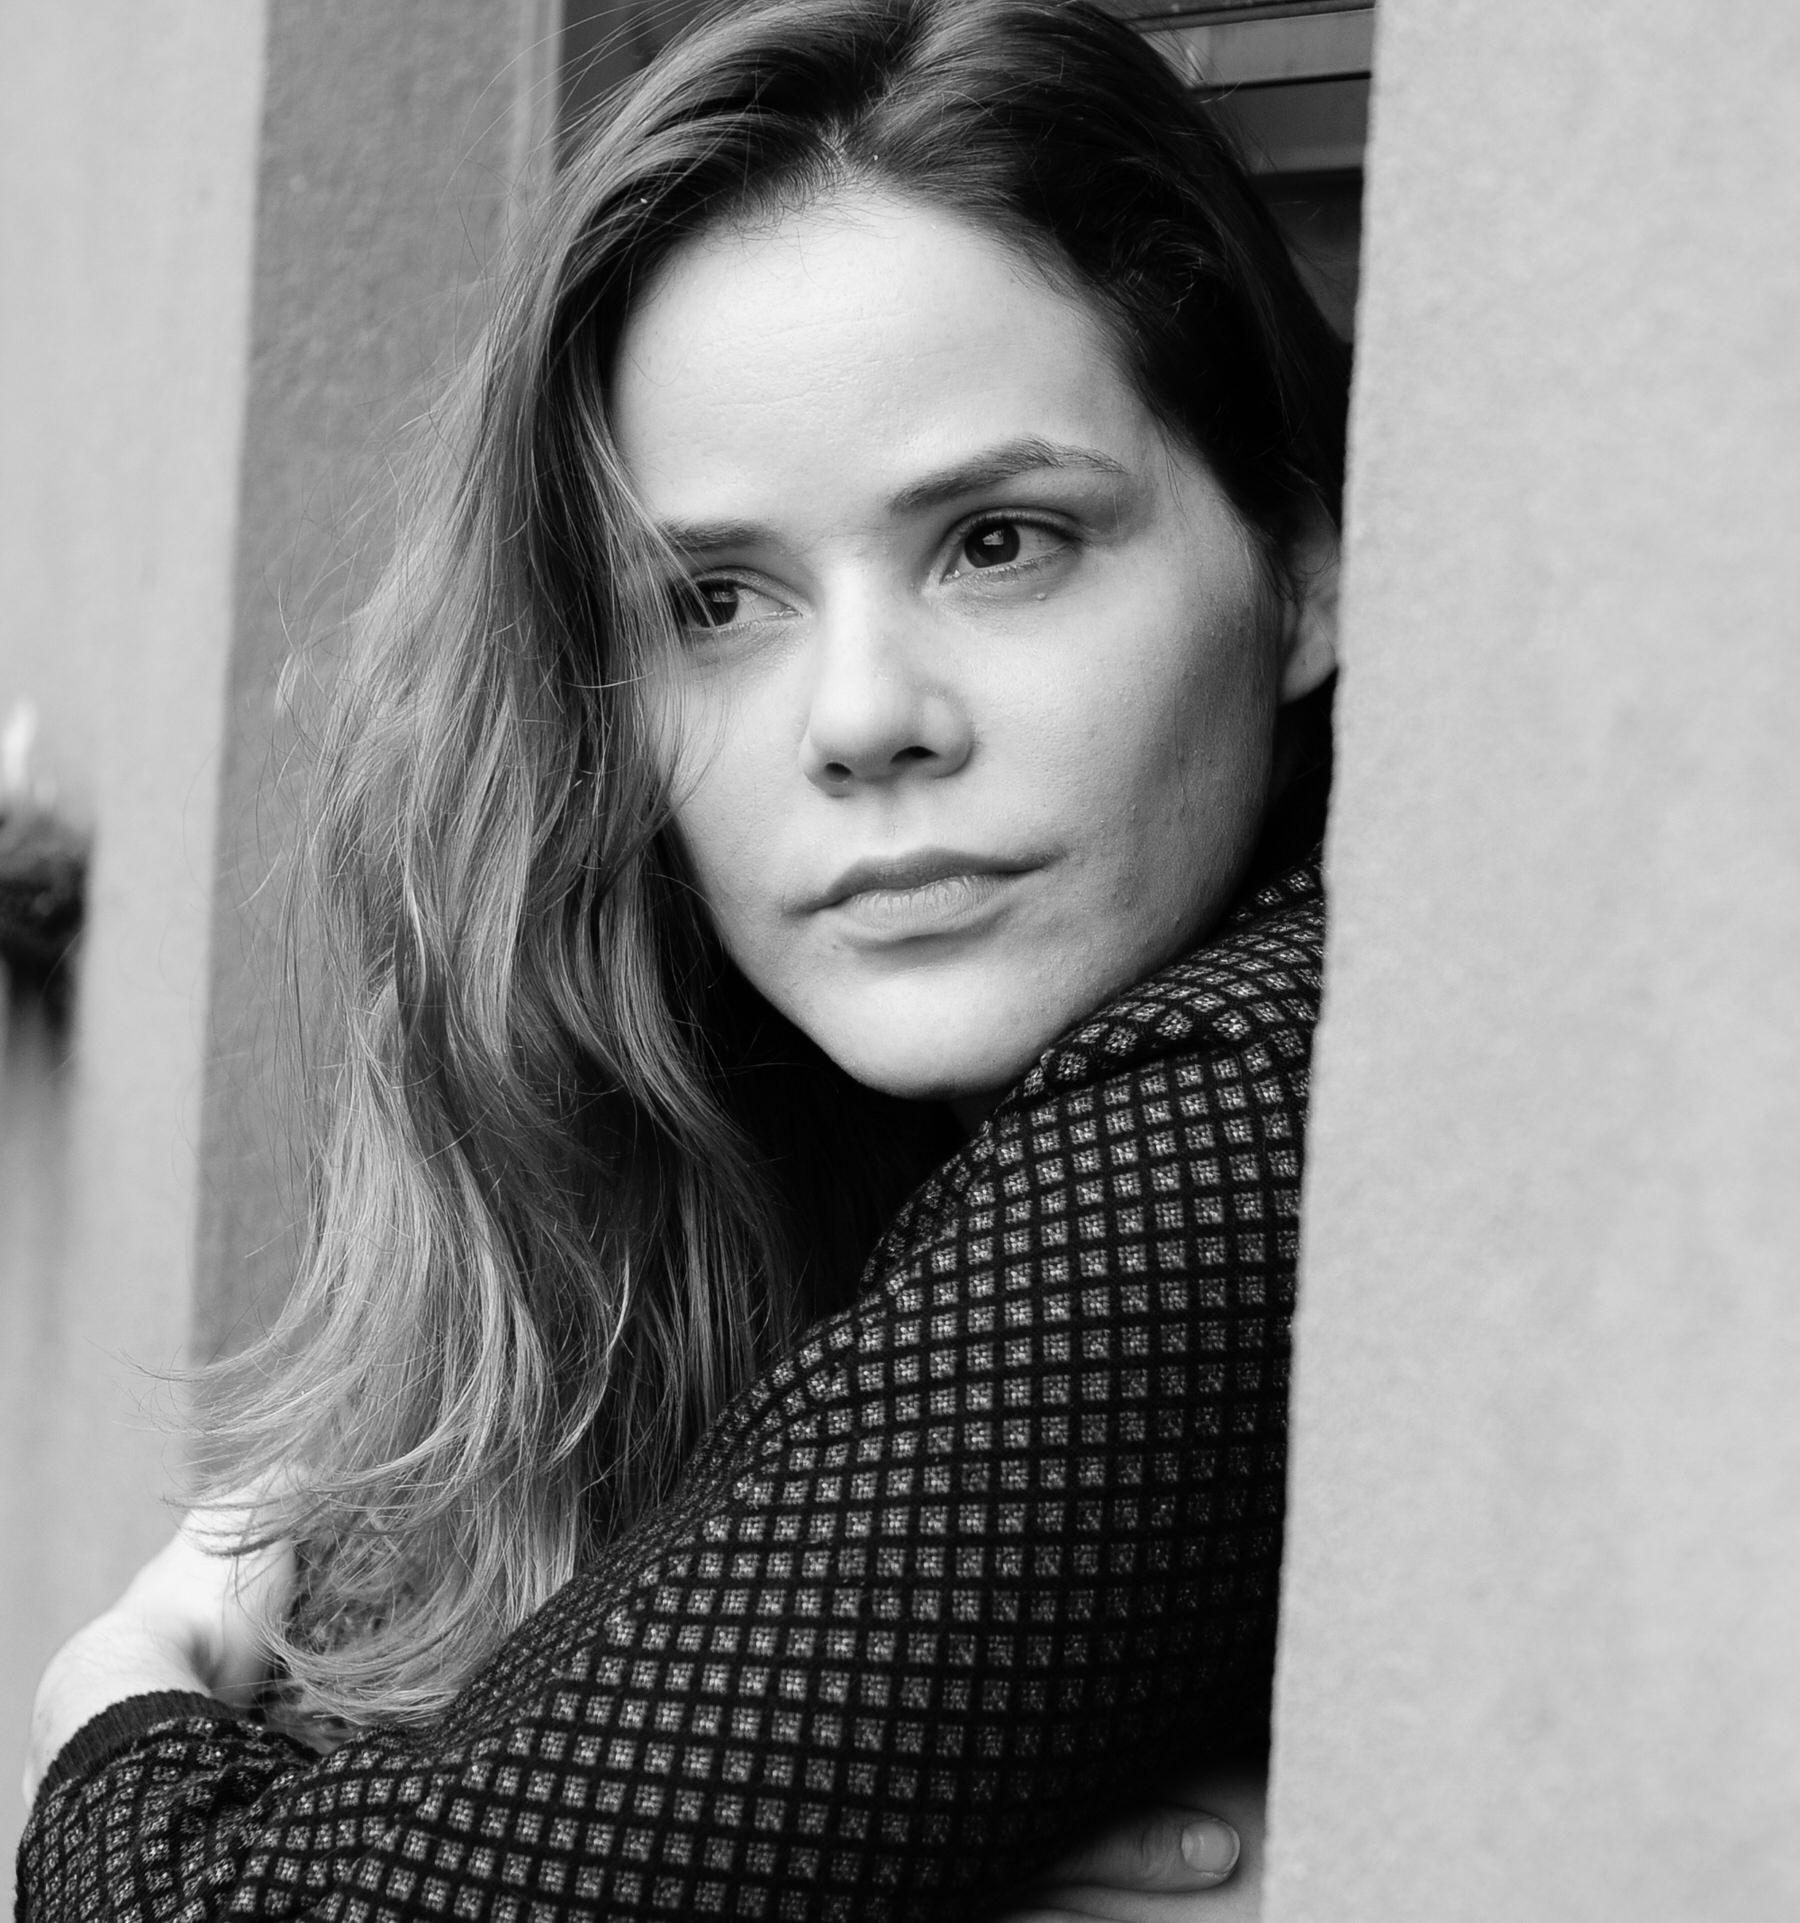 KJCC Poetry Series - Carson y la decreación 3: Bianca Stone